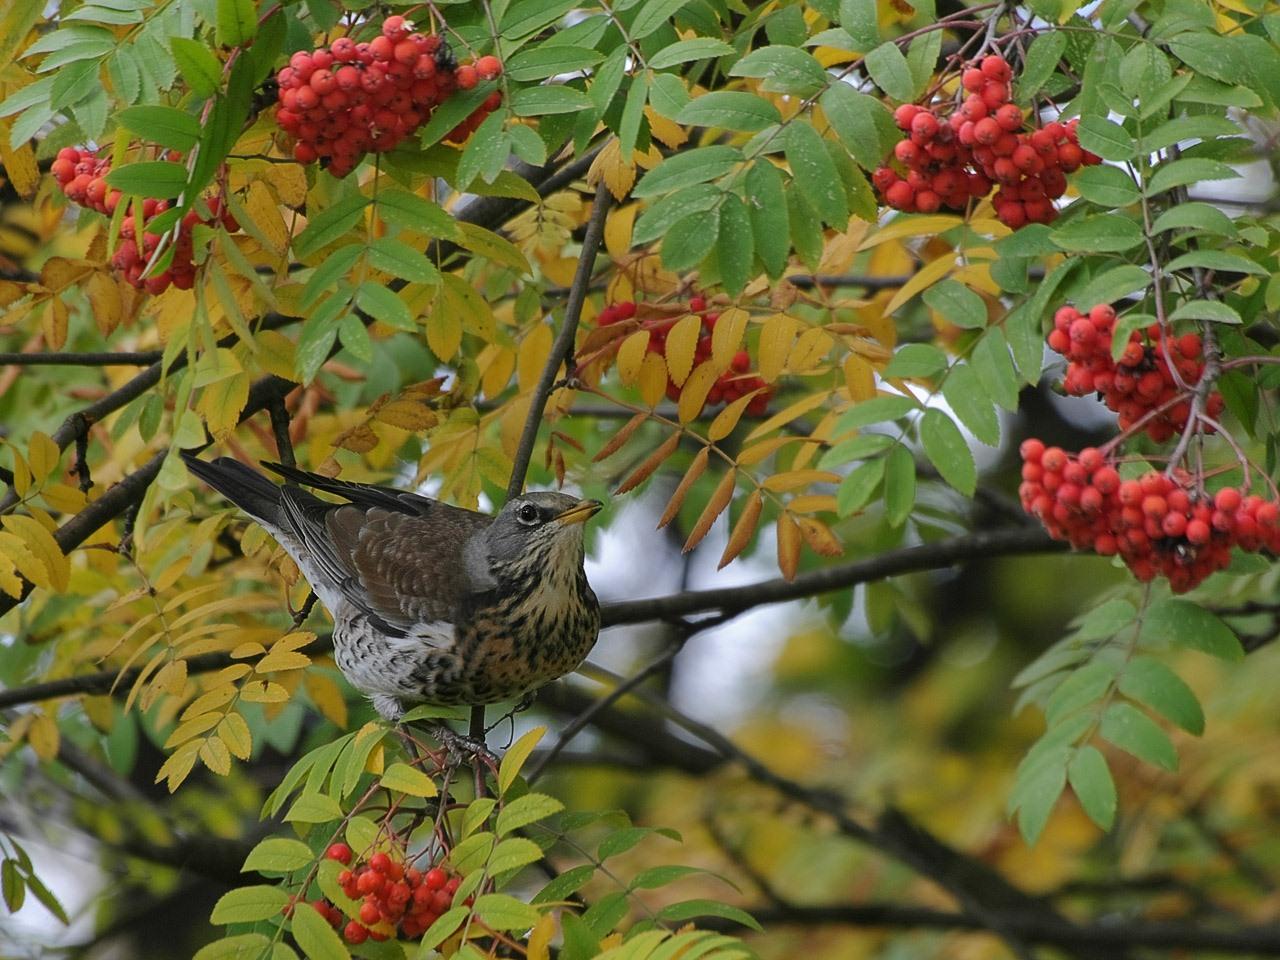 Дрозд-рябинник (Turdus pilaris). Автор фото: Юрий Семенов